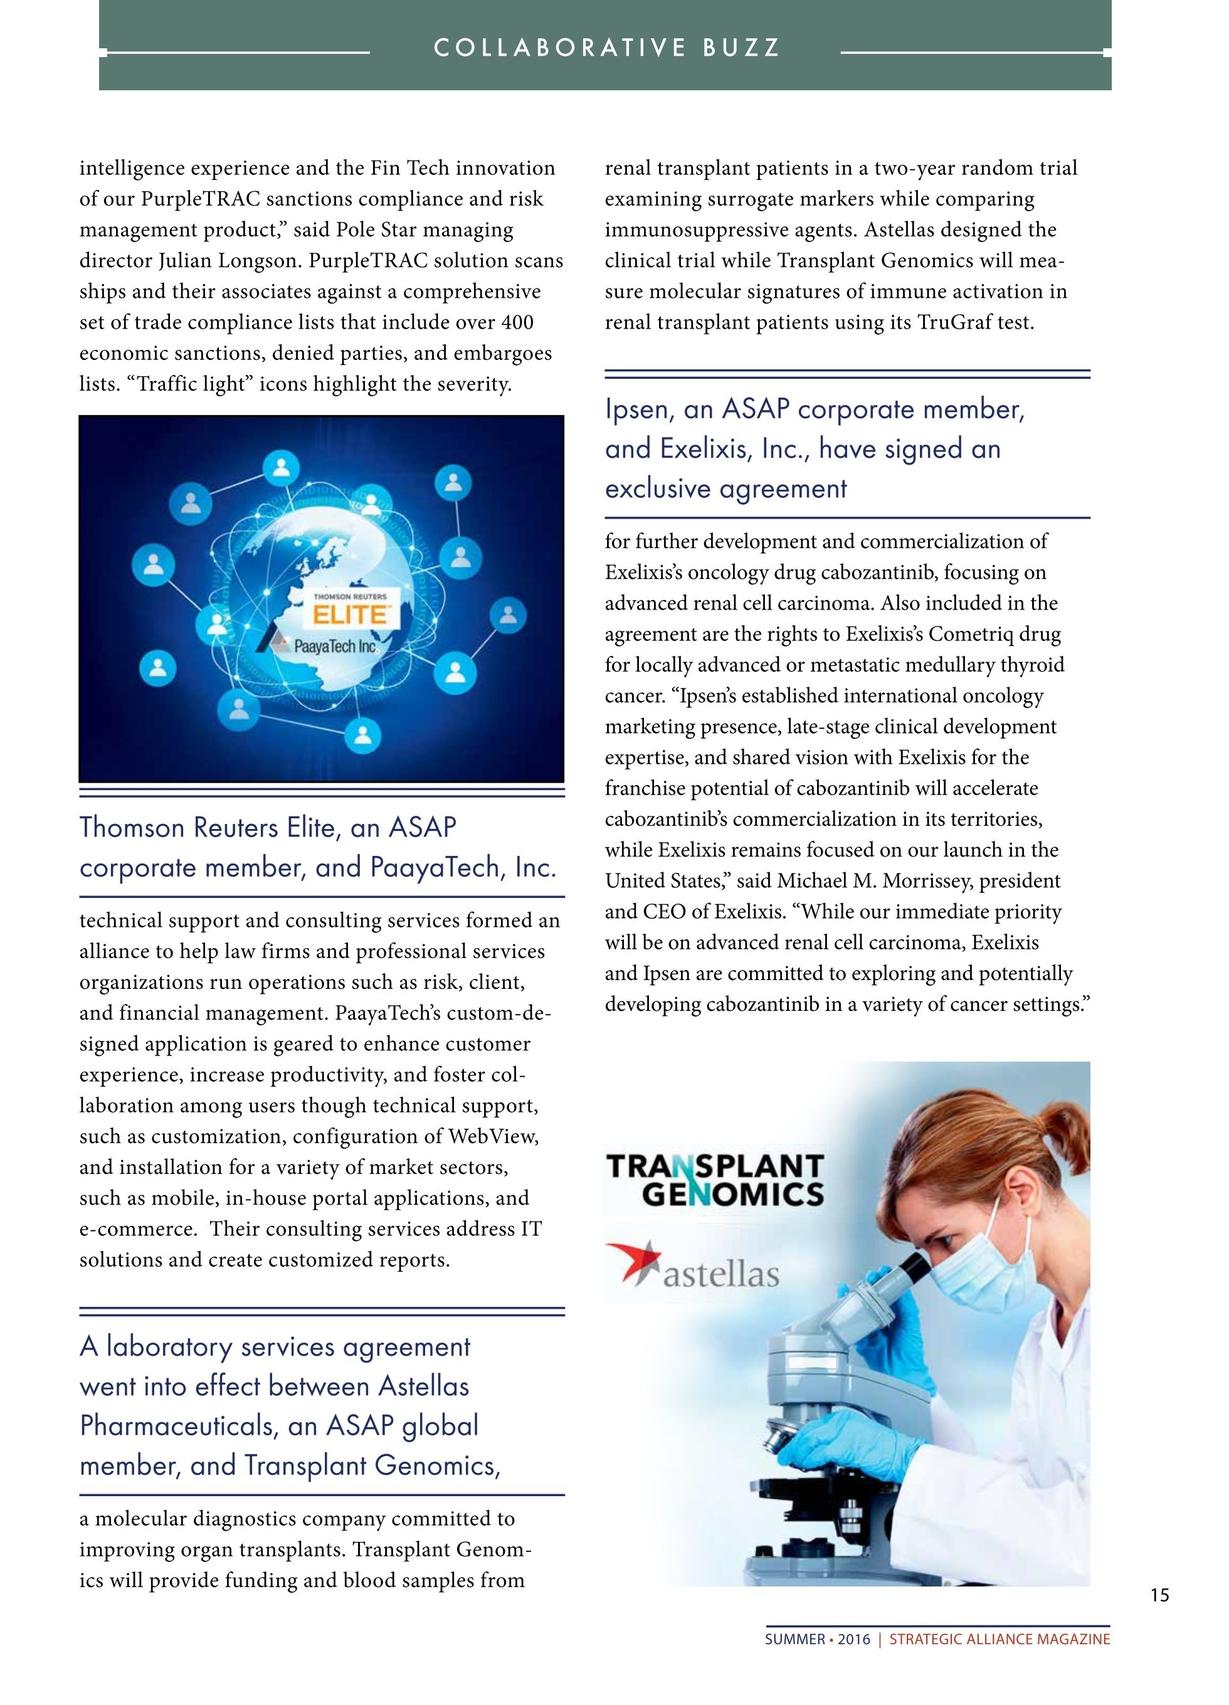 Strategic Alliance Magazine Q2 2016